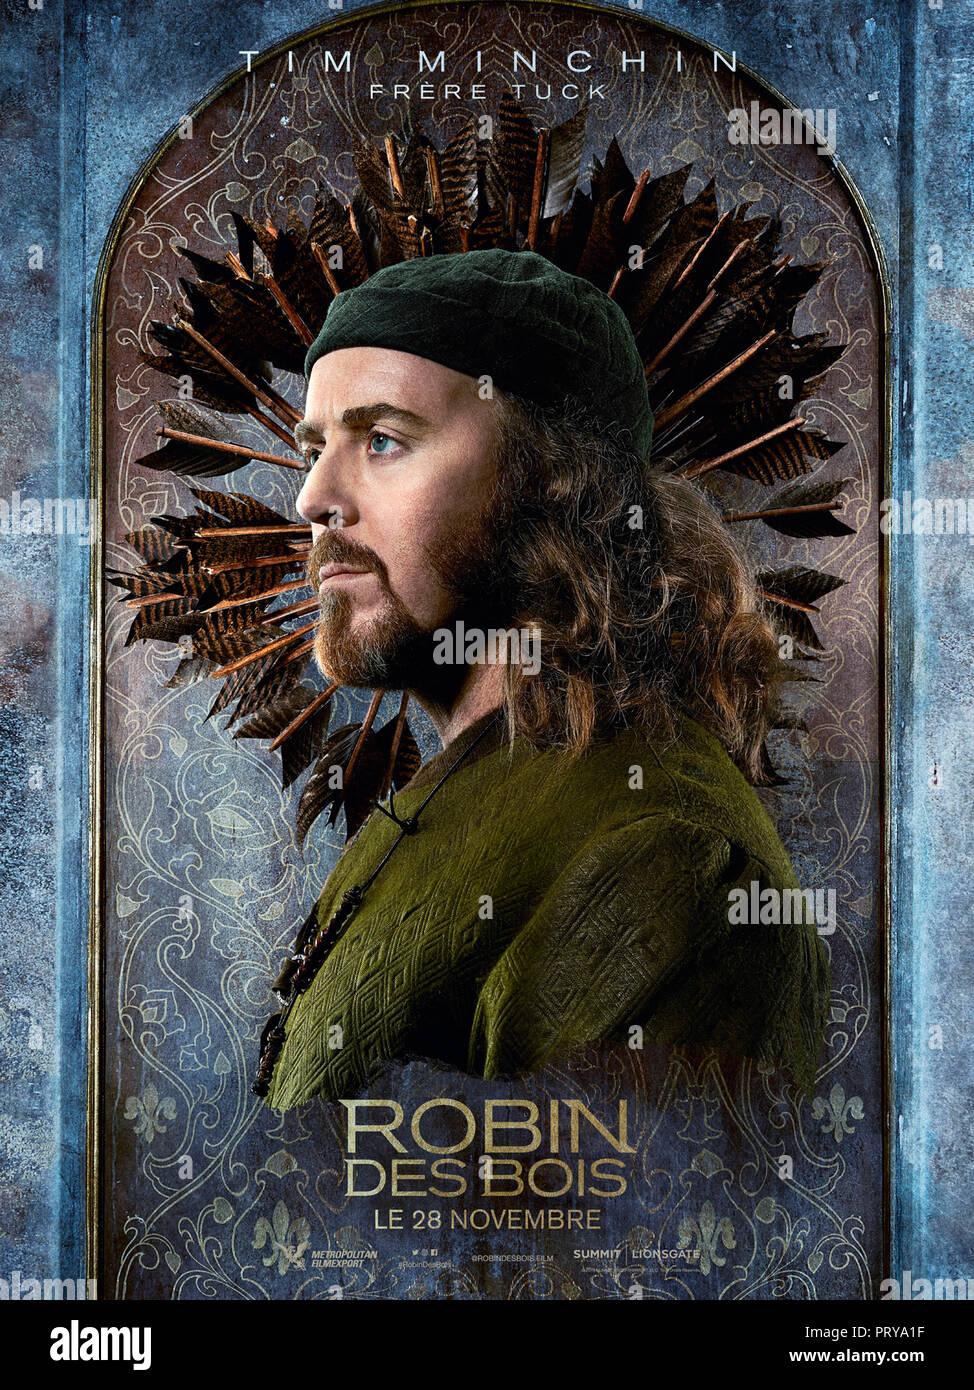 Prod DB © Appian Way - Lionsgate - Safehouse Pictures - Thunder Road Pictures / DR ROBIN DES BOIS ROBIN HOOD de Otto Bathurst 2018 USA teaser français - Stock Image